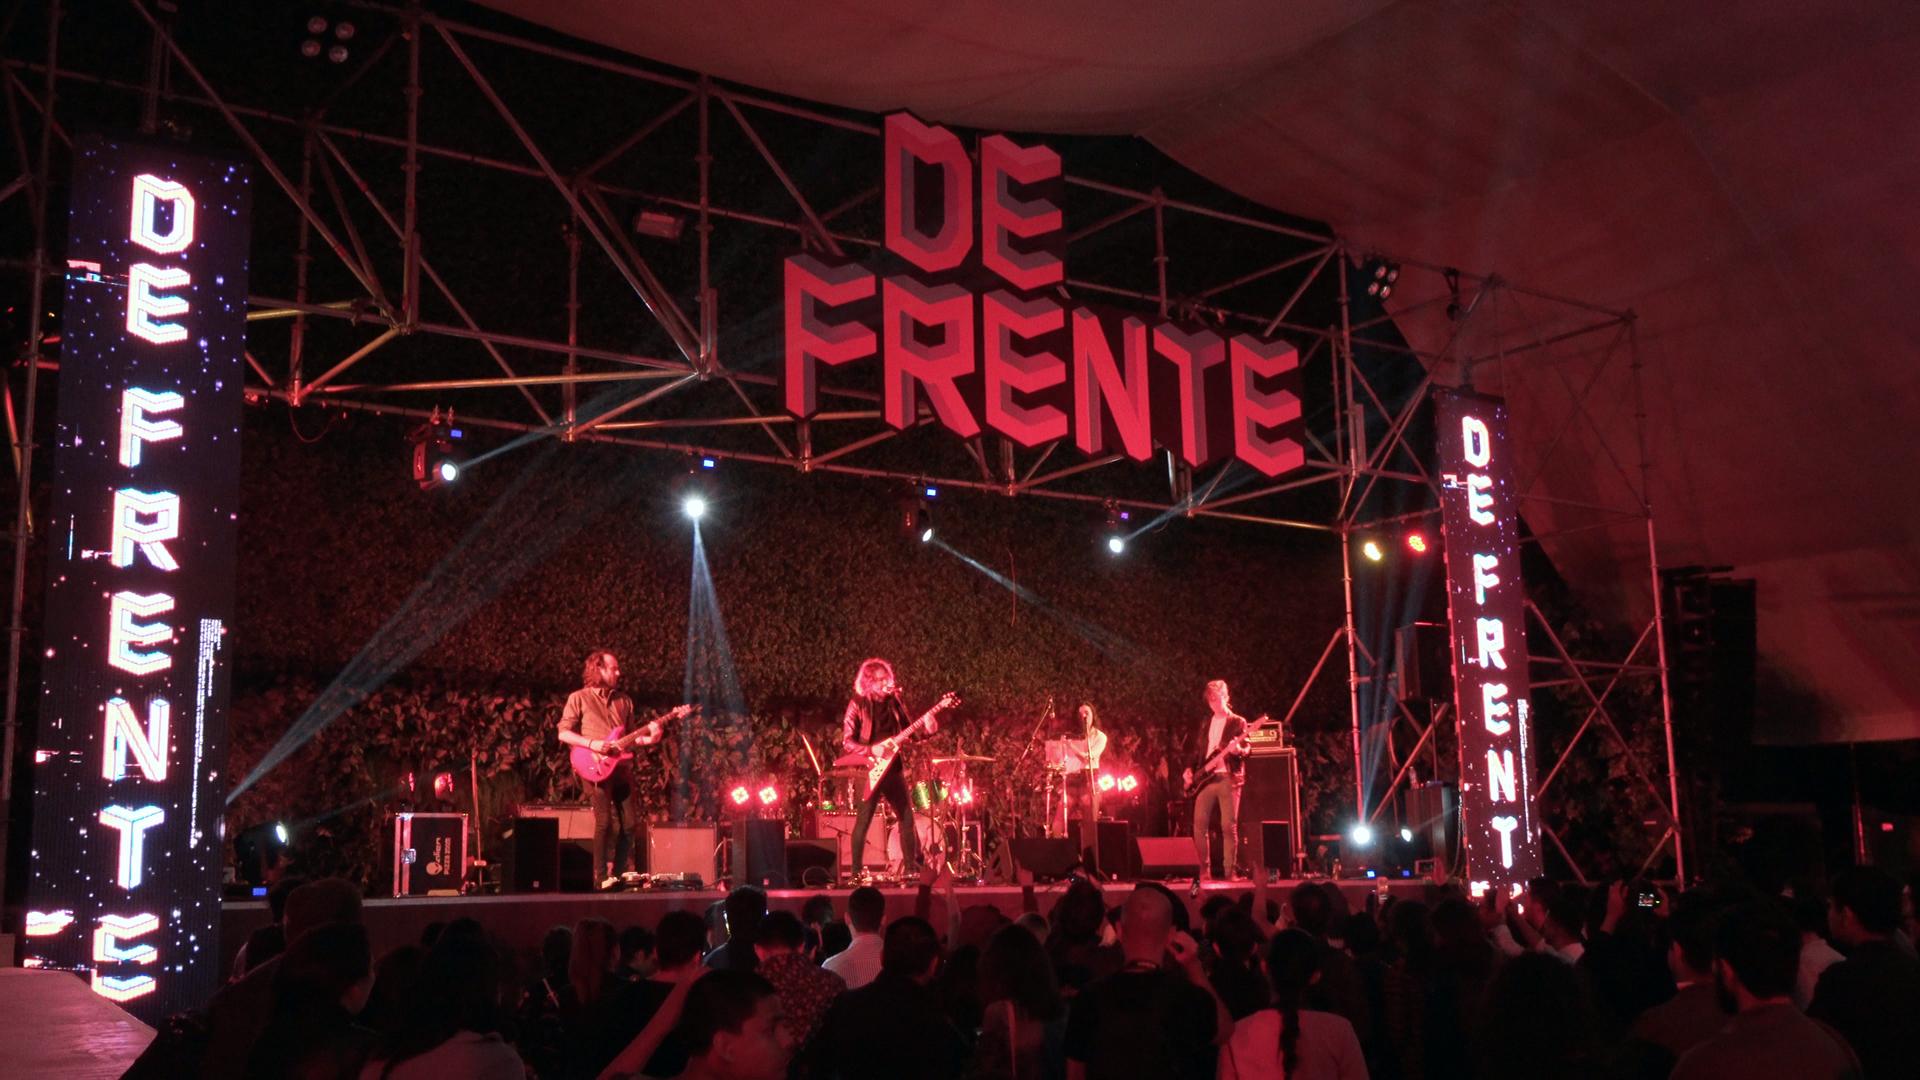 #FestivalDeFrente y la música de Discos Panoram